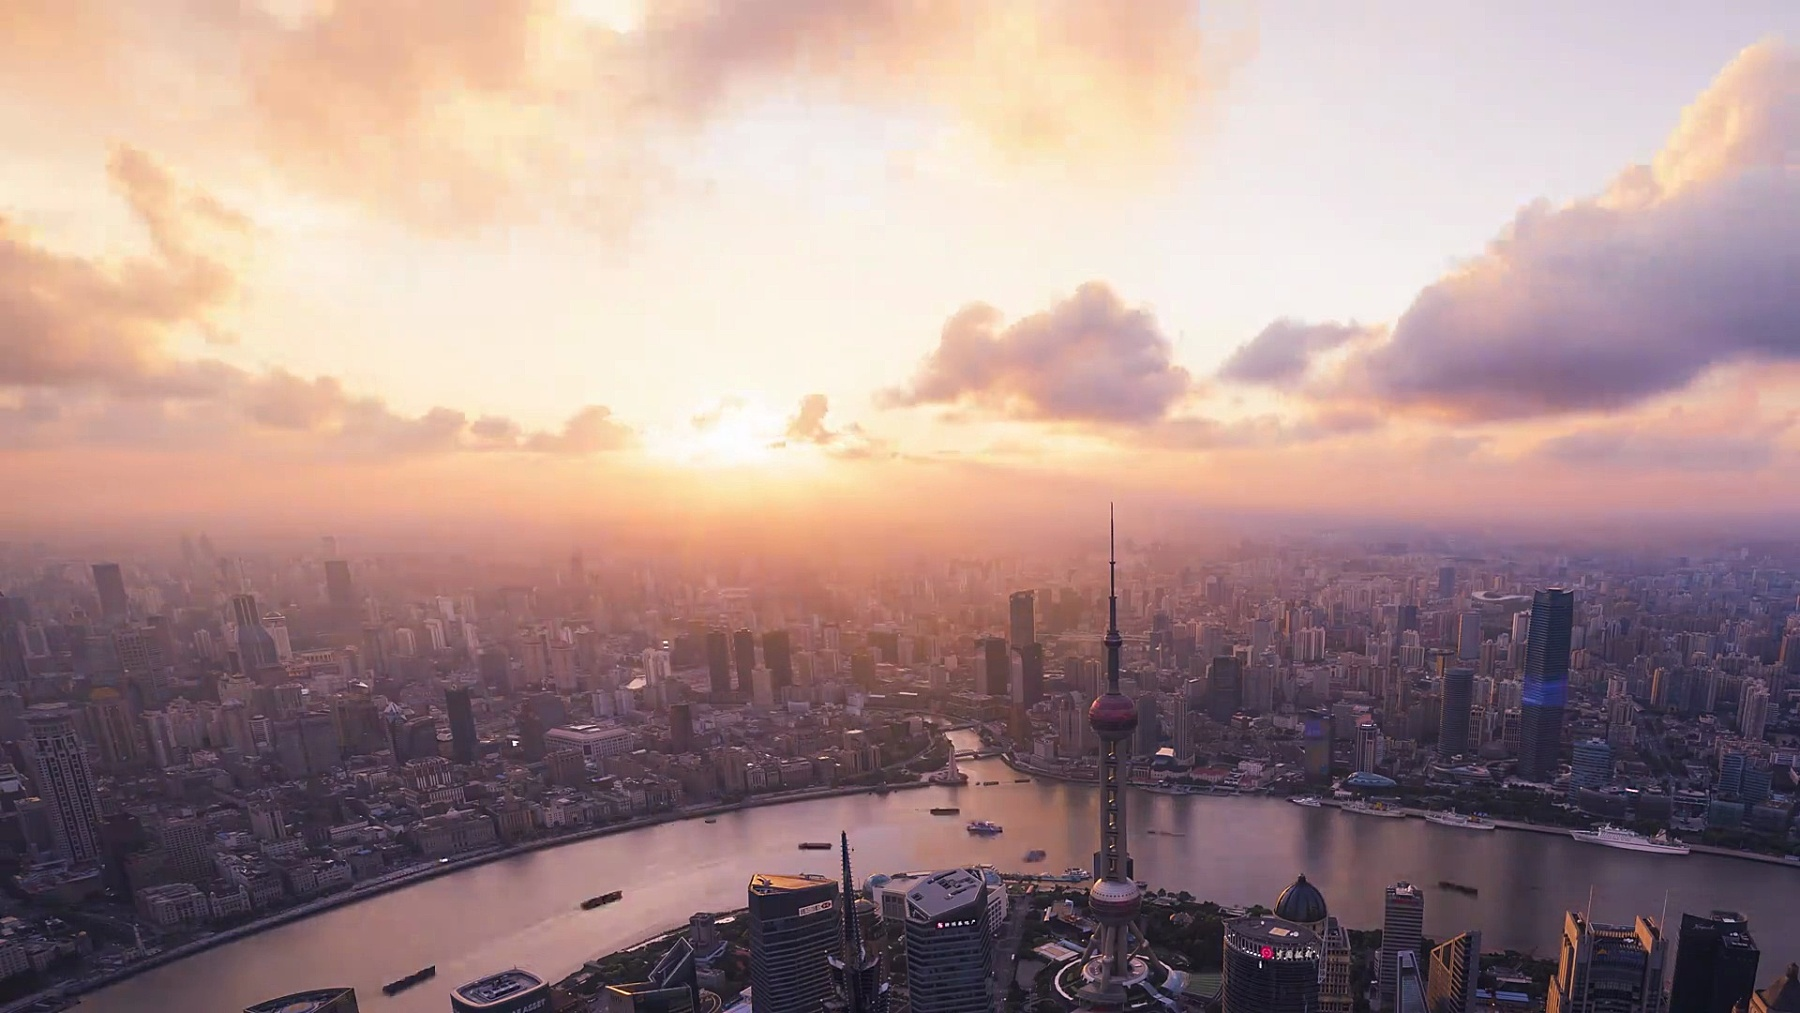 上海天际线从早到晚